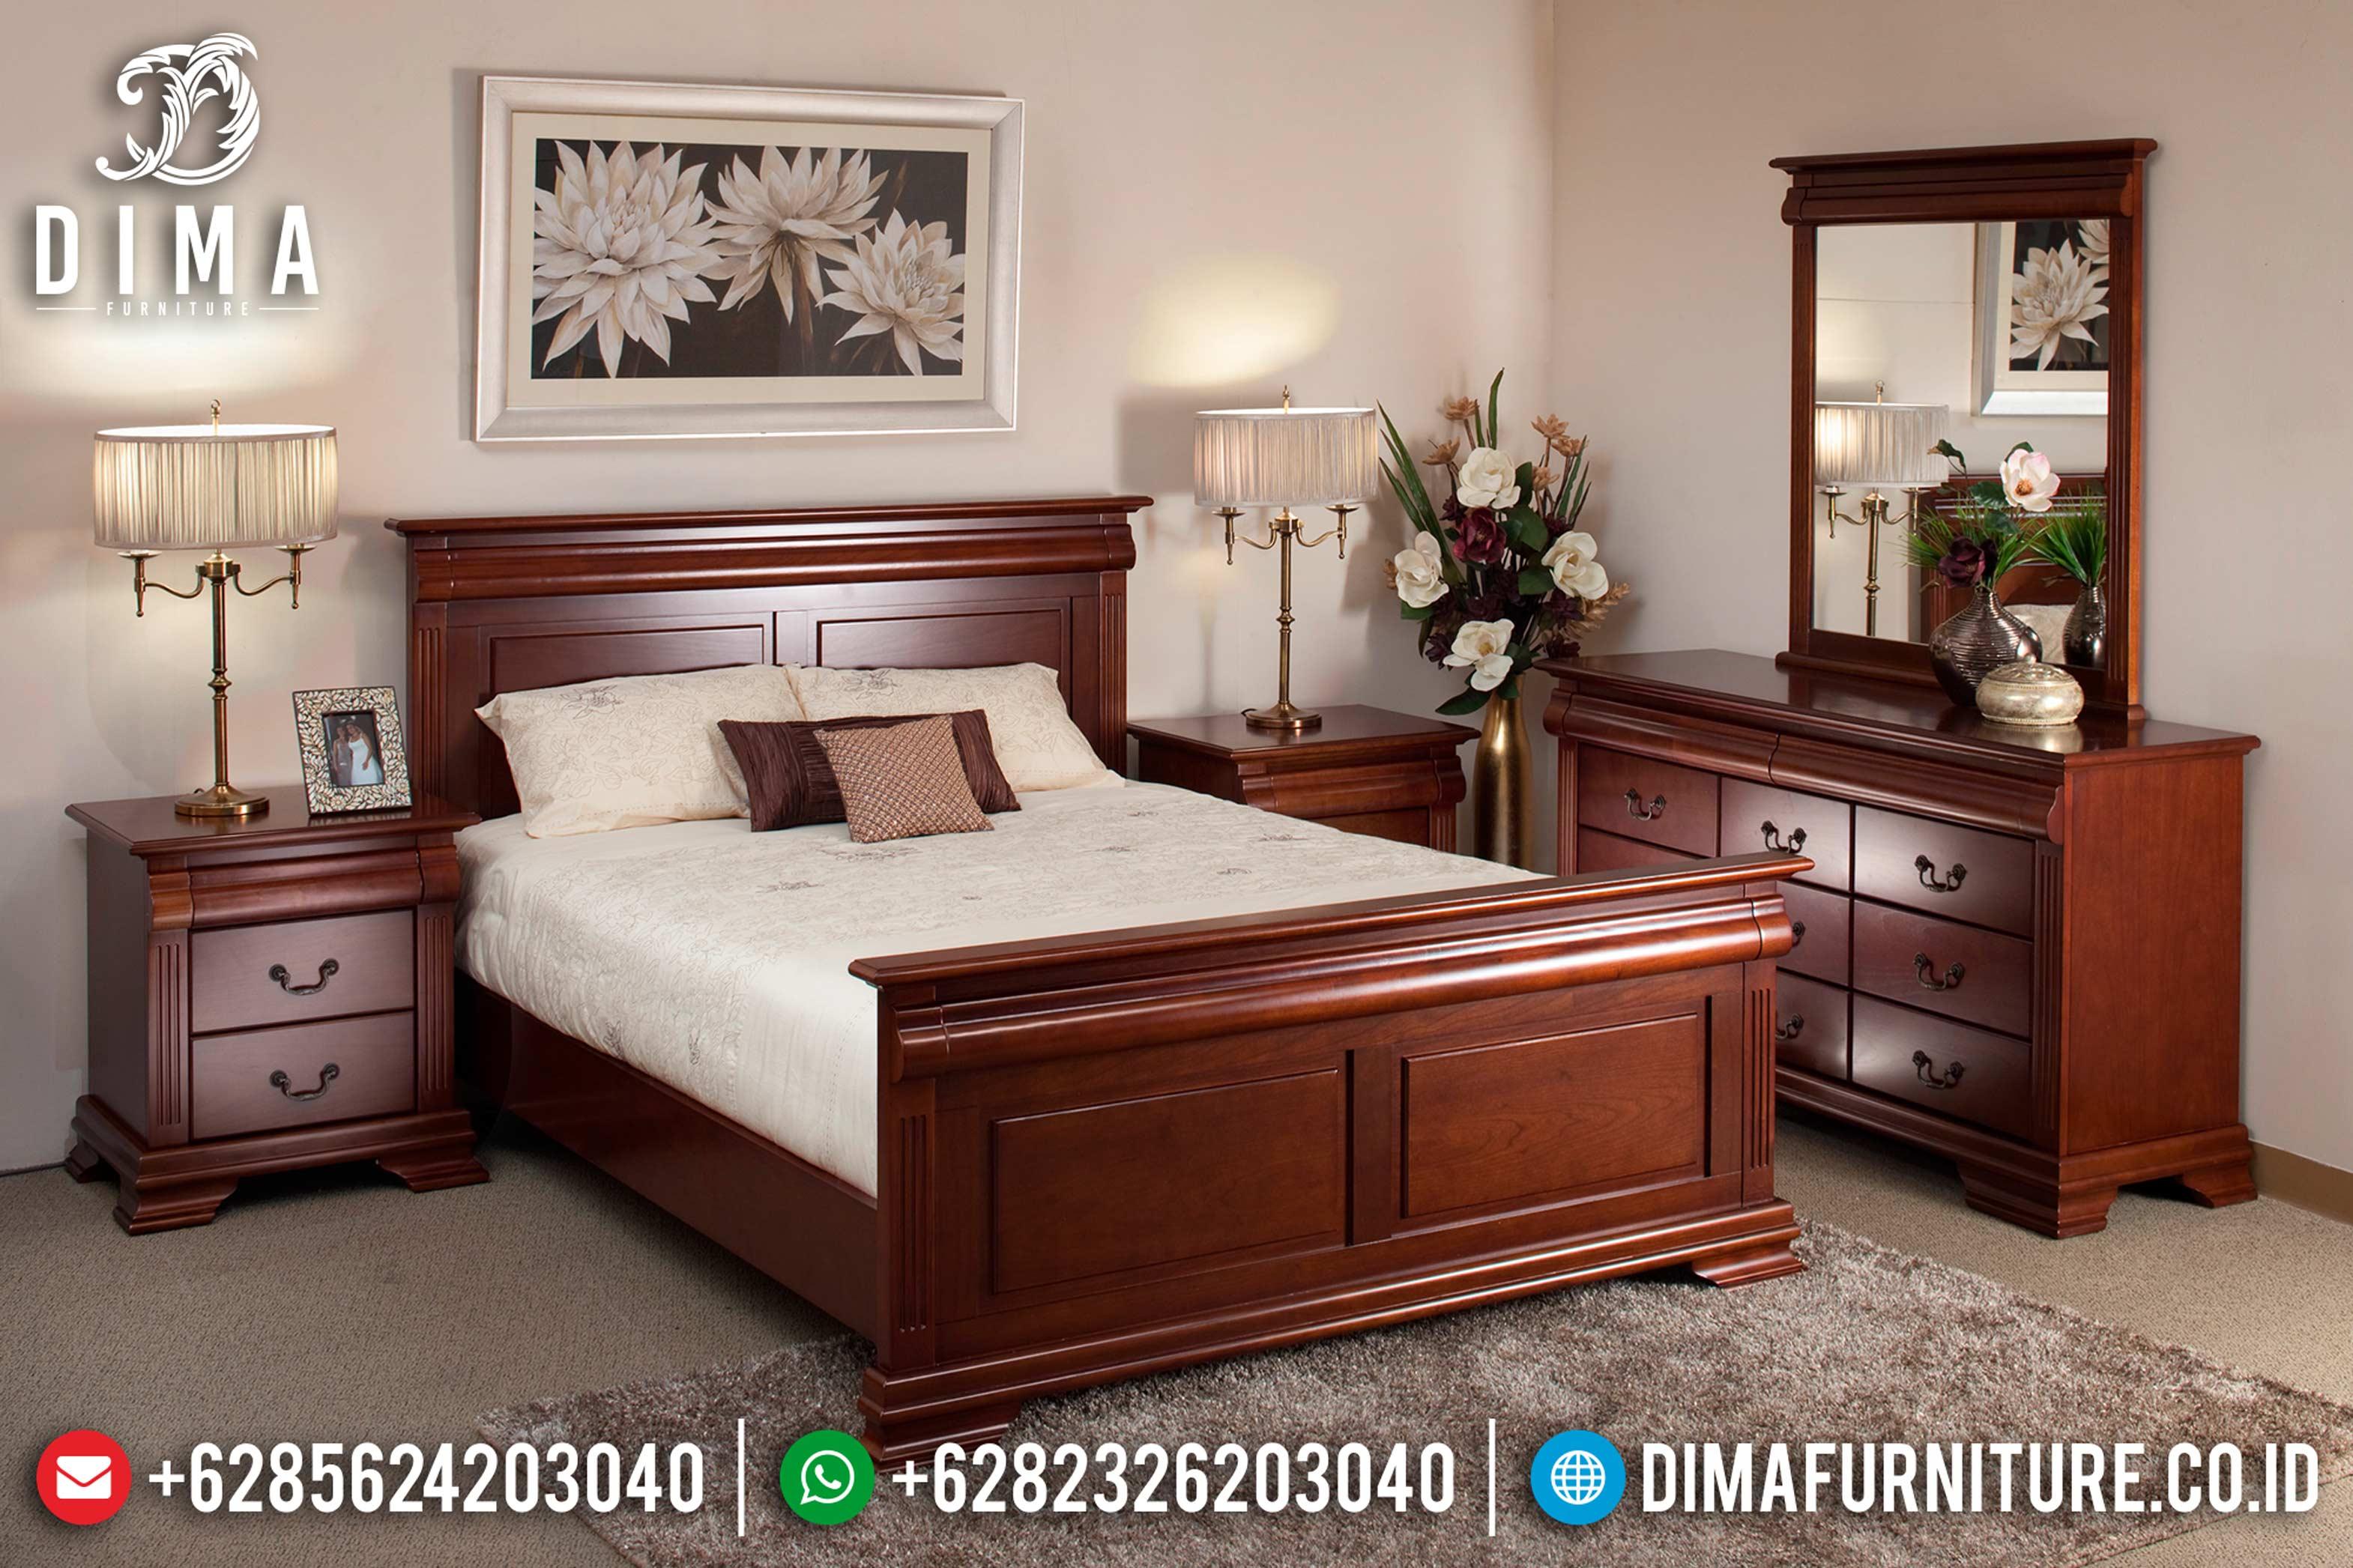 20+ Tempat Tidur Jepara Mewah Dan Minimalis Pilihan Tahun 2019 002 Dima Furniture Jepara